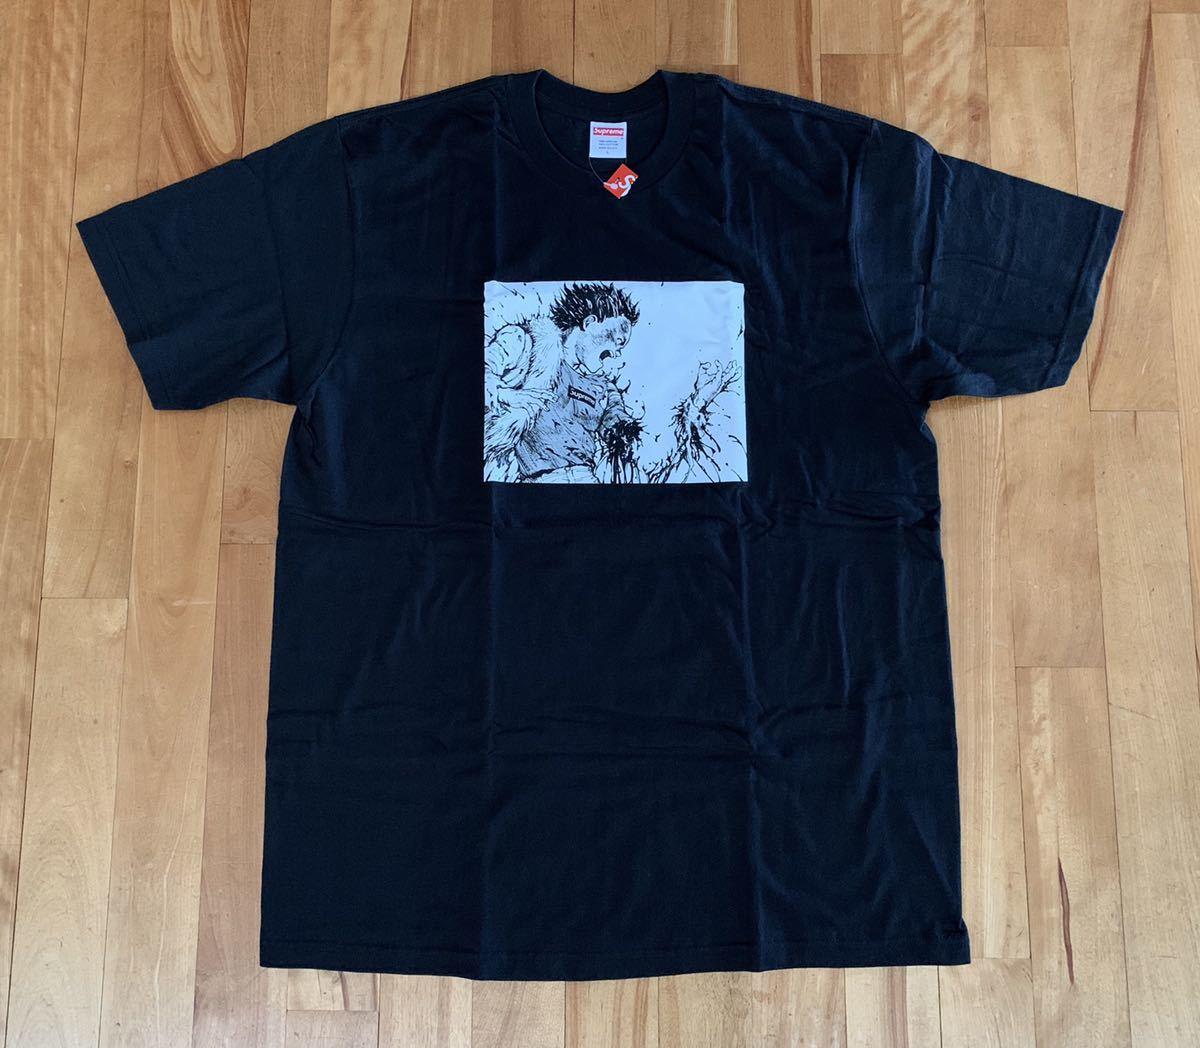 新品未使用 Supreme Akira Arm Tee 黒 L 国内正規品 半タグ付き アキラ Tシャツ